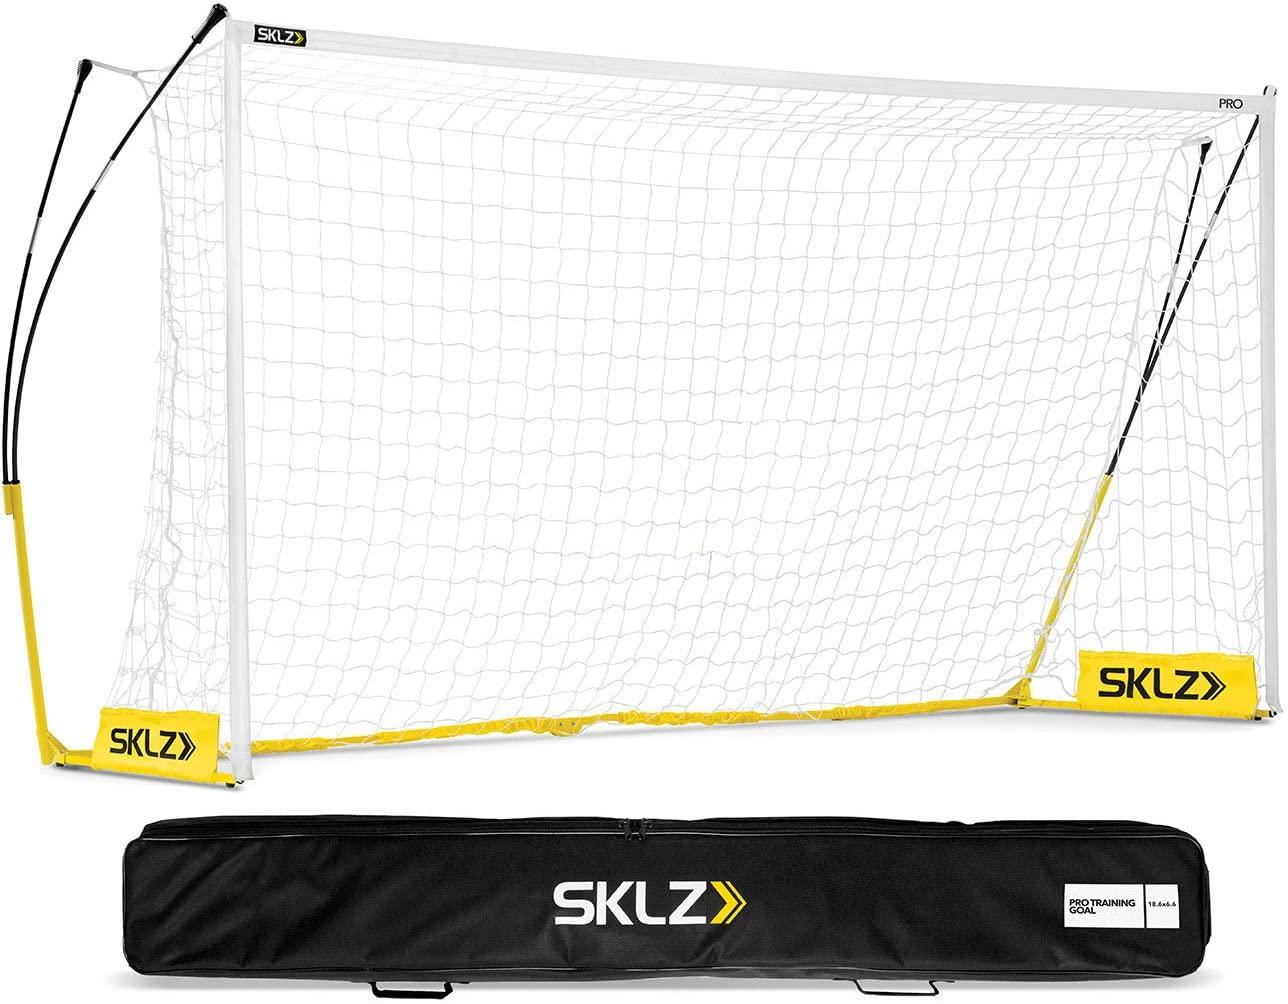 SKLZ Pro Training Lightweight Portable Soccer Goal and Net